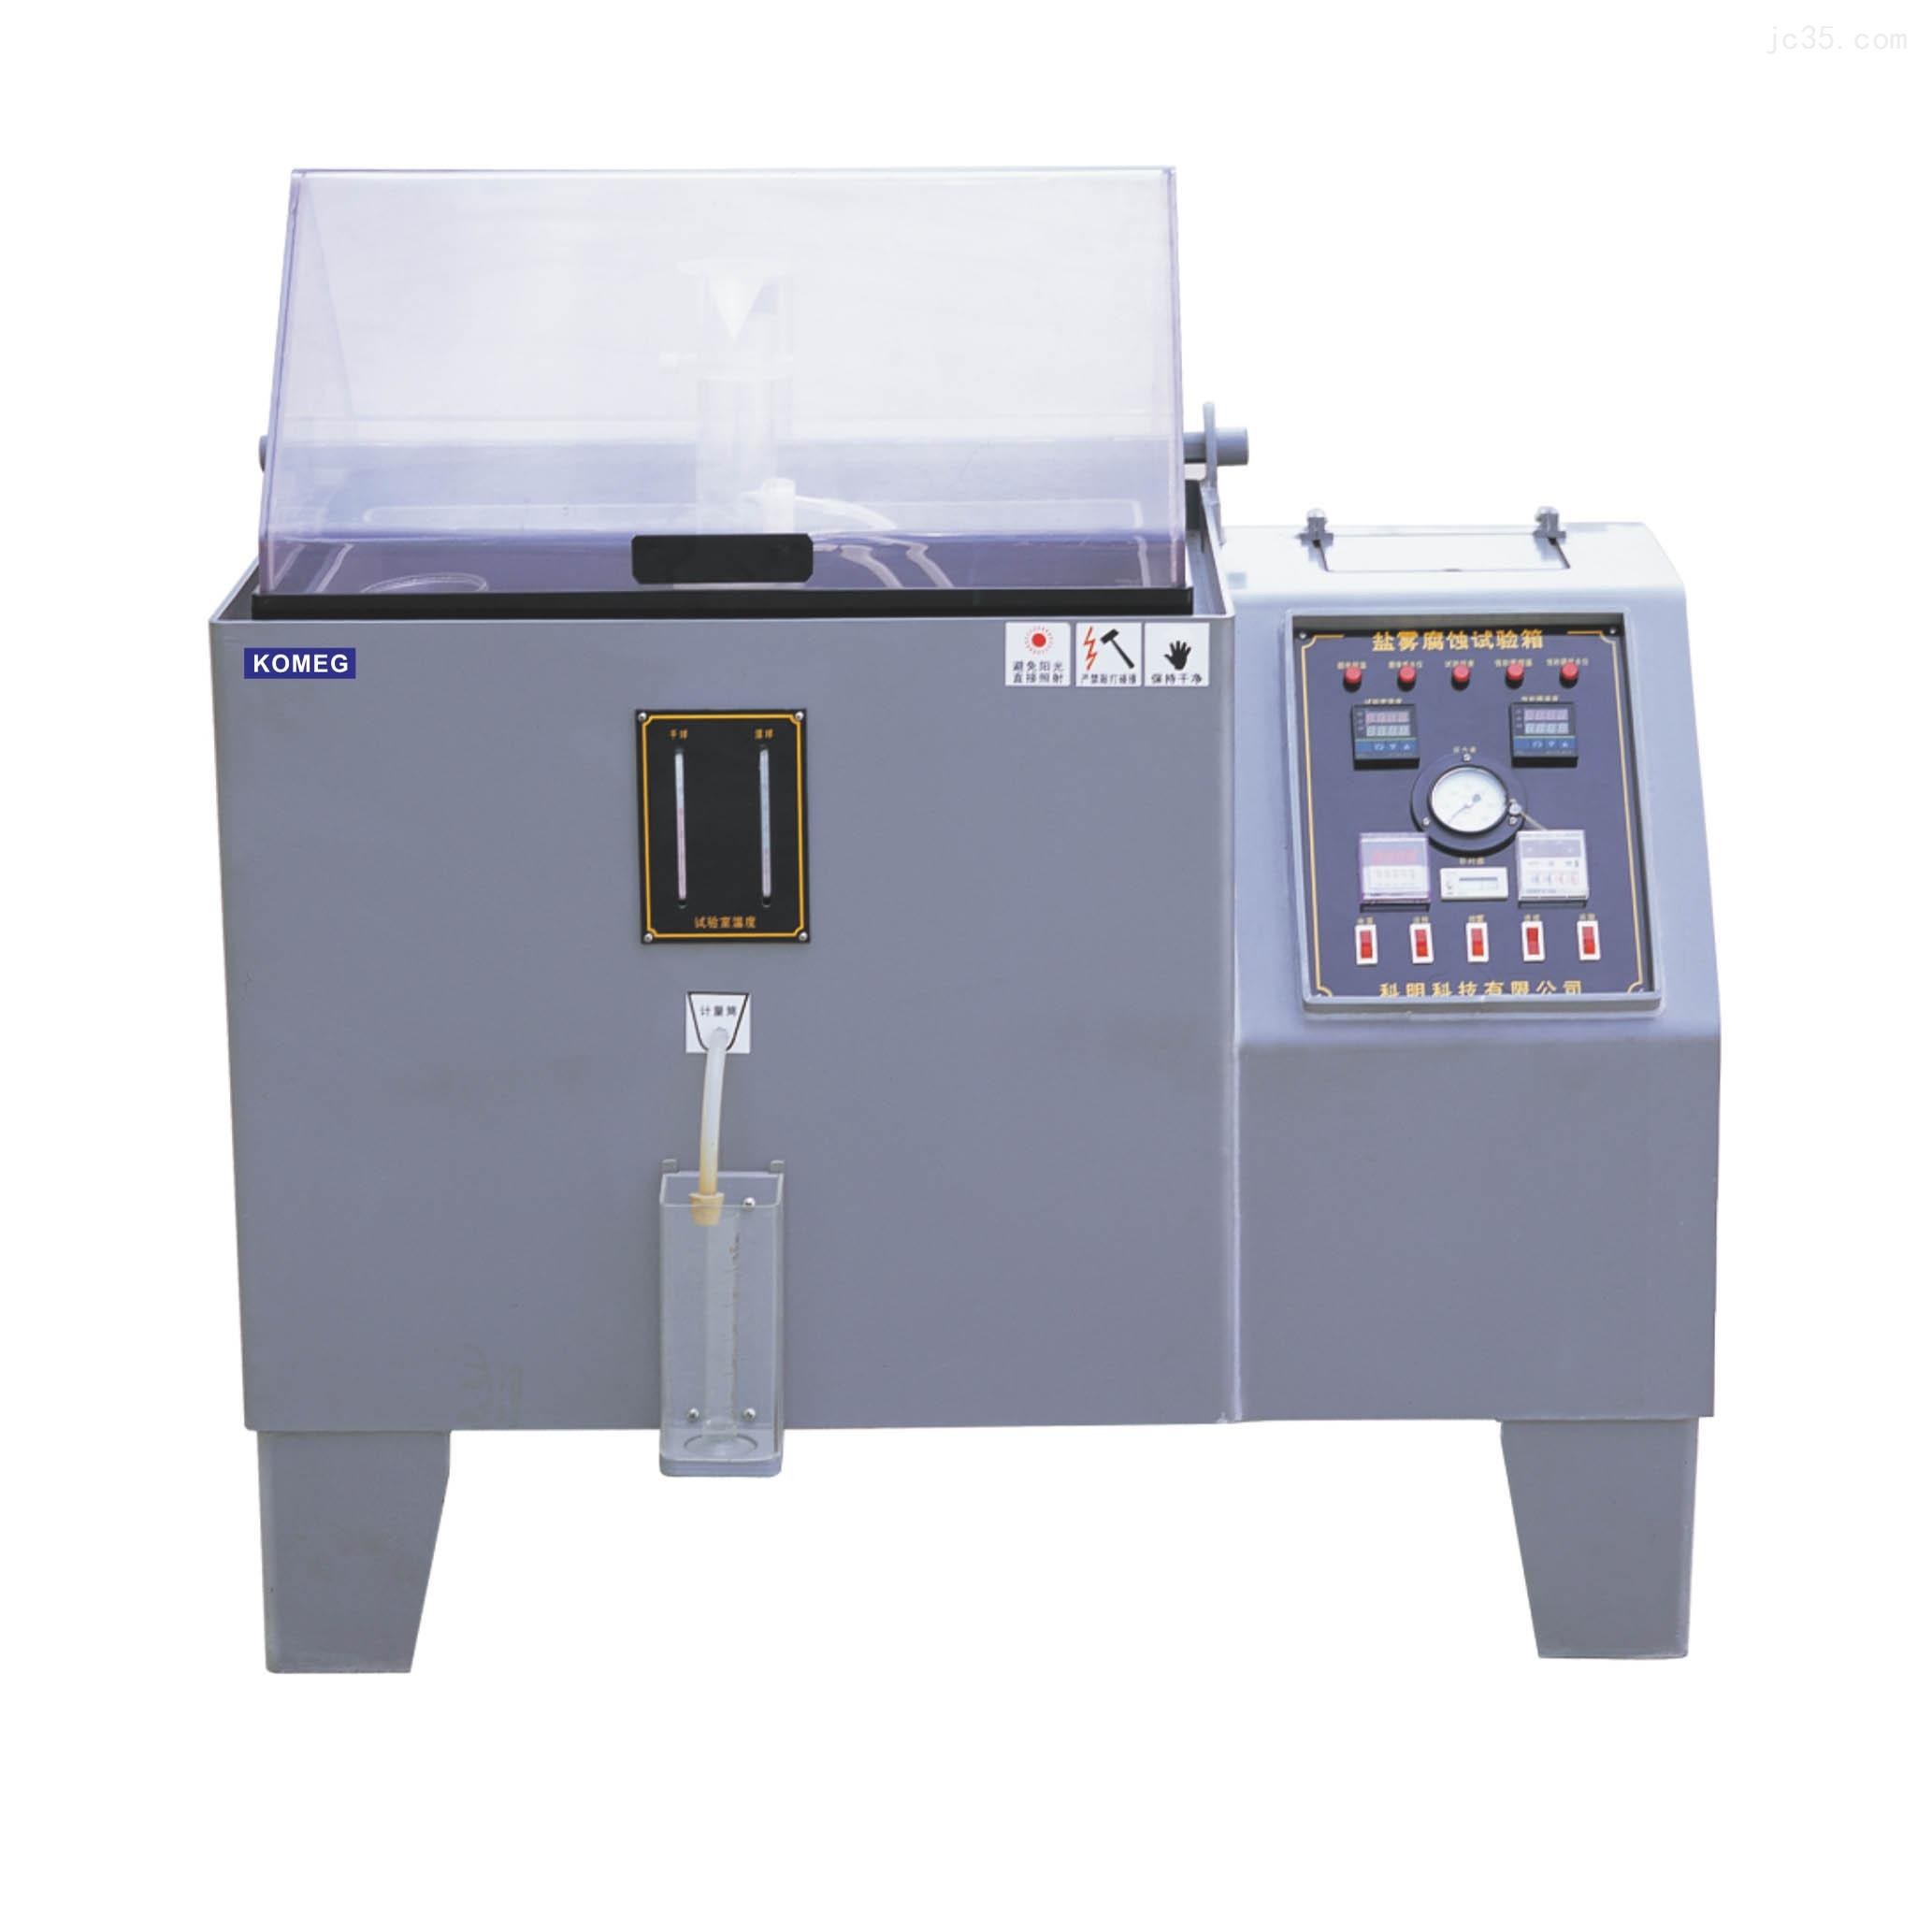 广东科明厂家直发德进口耐高温箱体温度范围35℃-50℃ 盐水喷雾试验箱